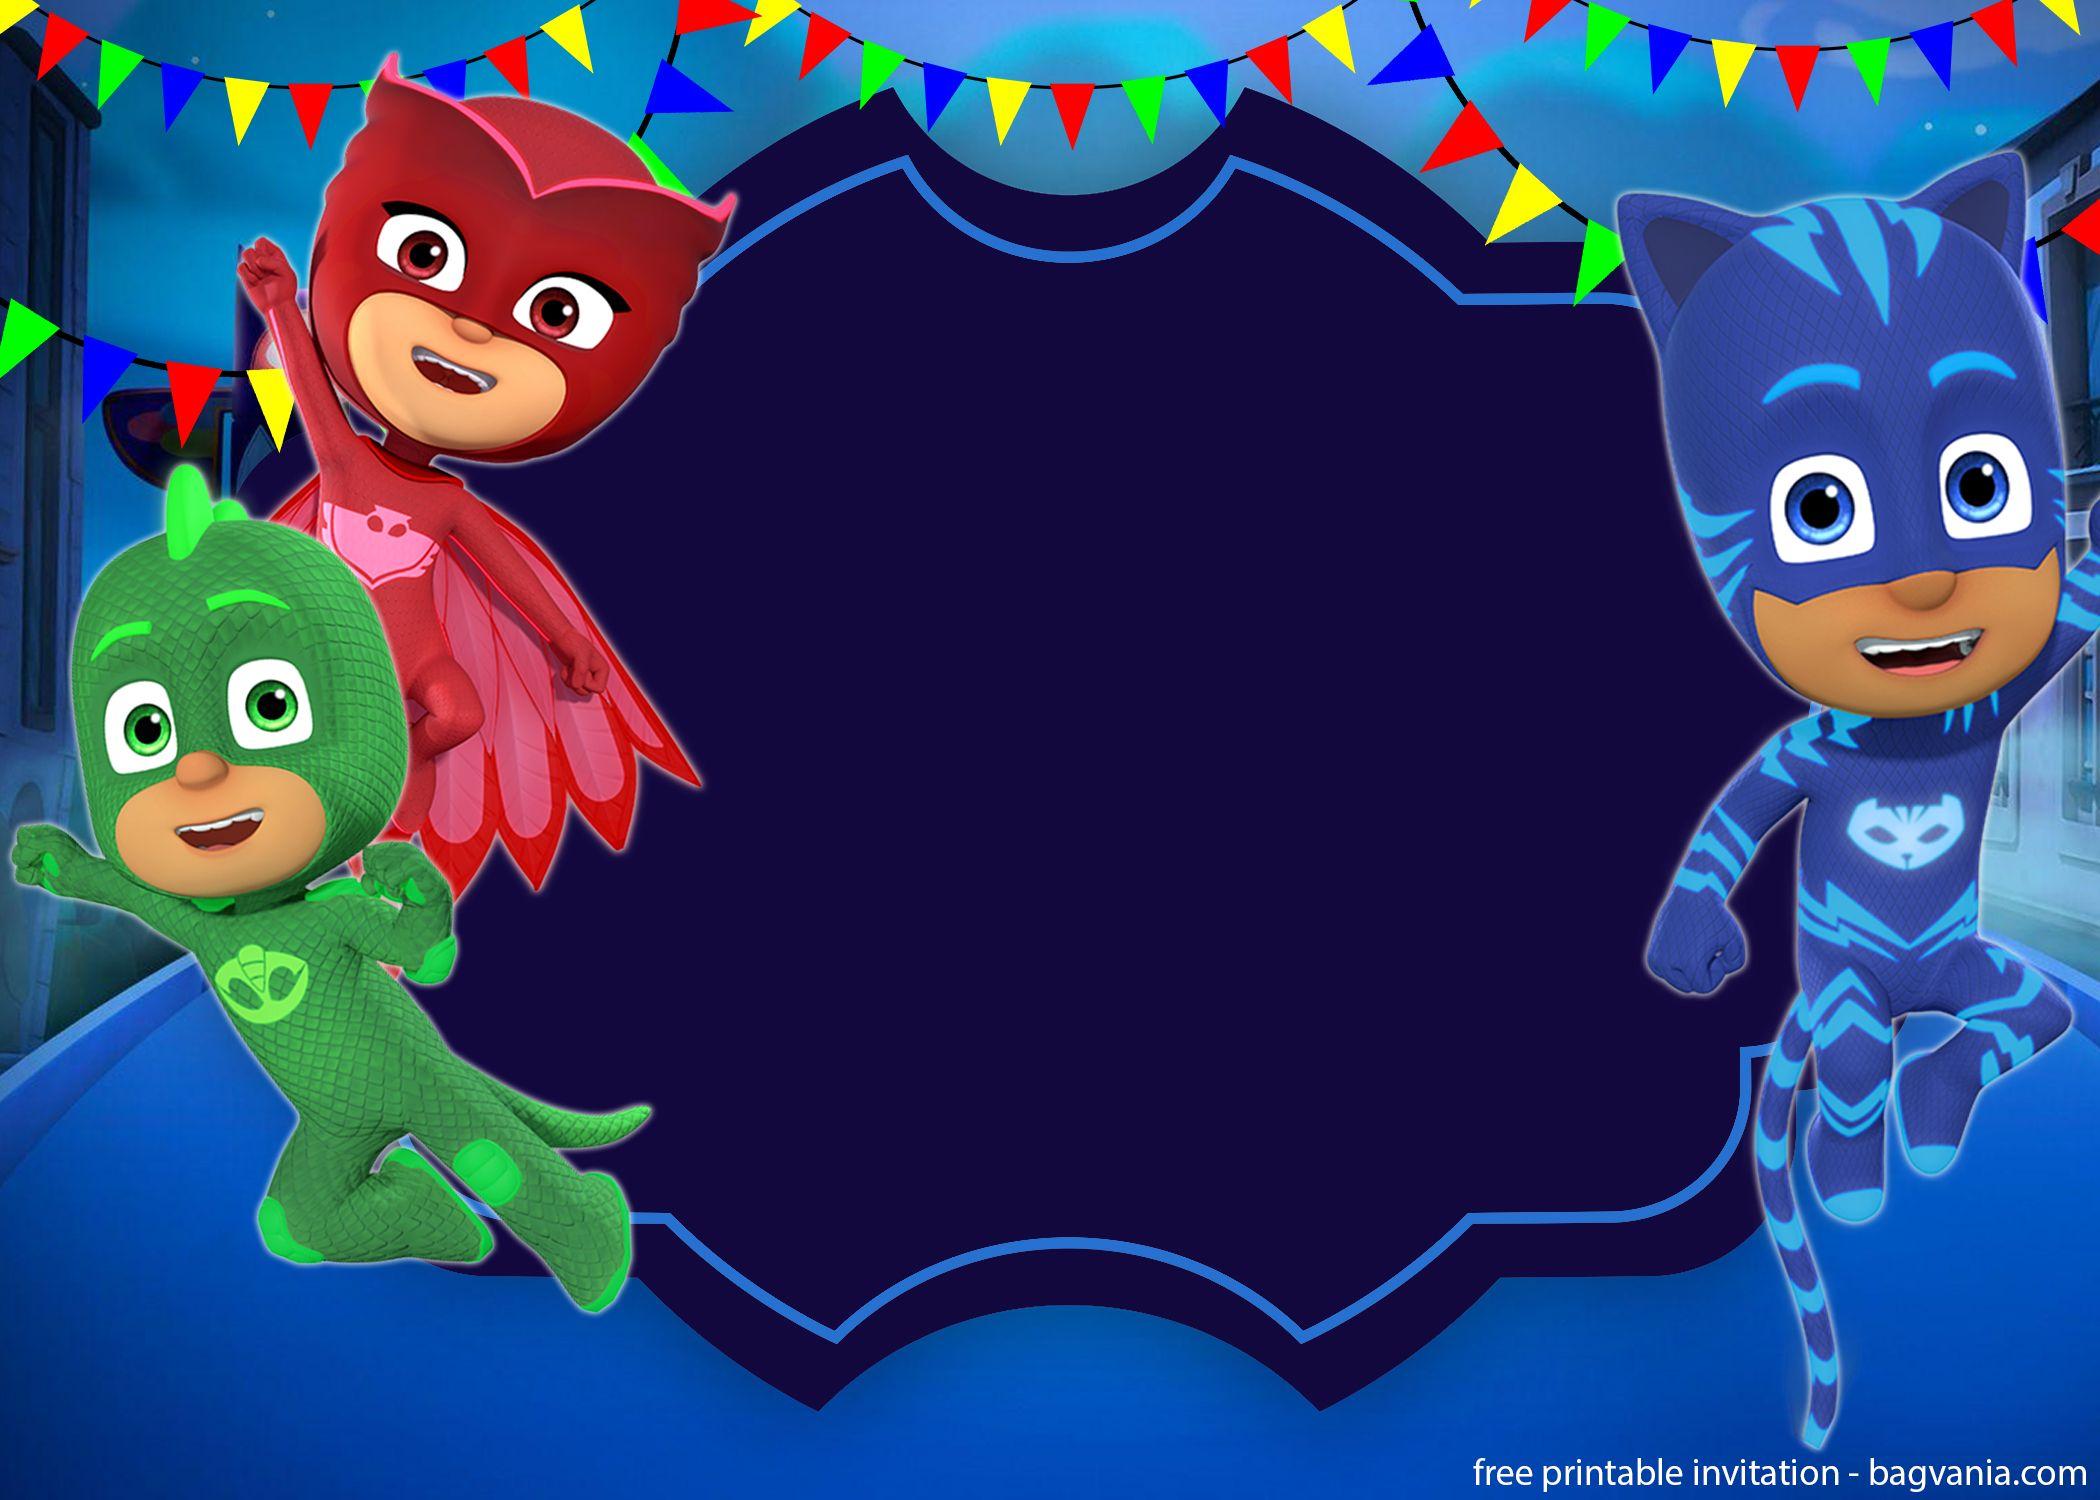 Free Printable Pj Masks Invitation Template Free Printable Birthday Invitation Templates Bagvania